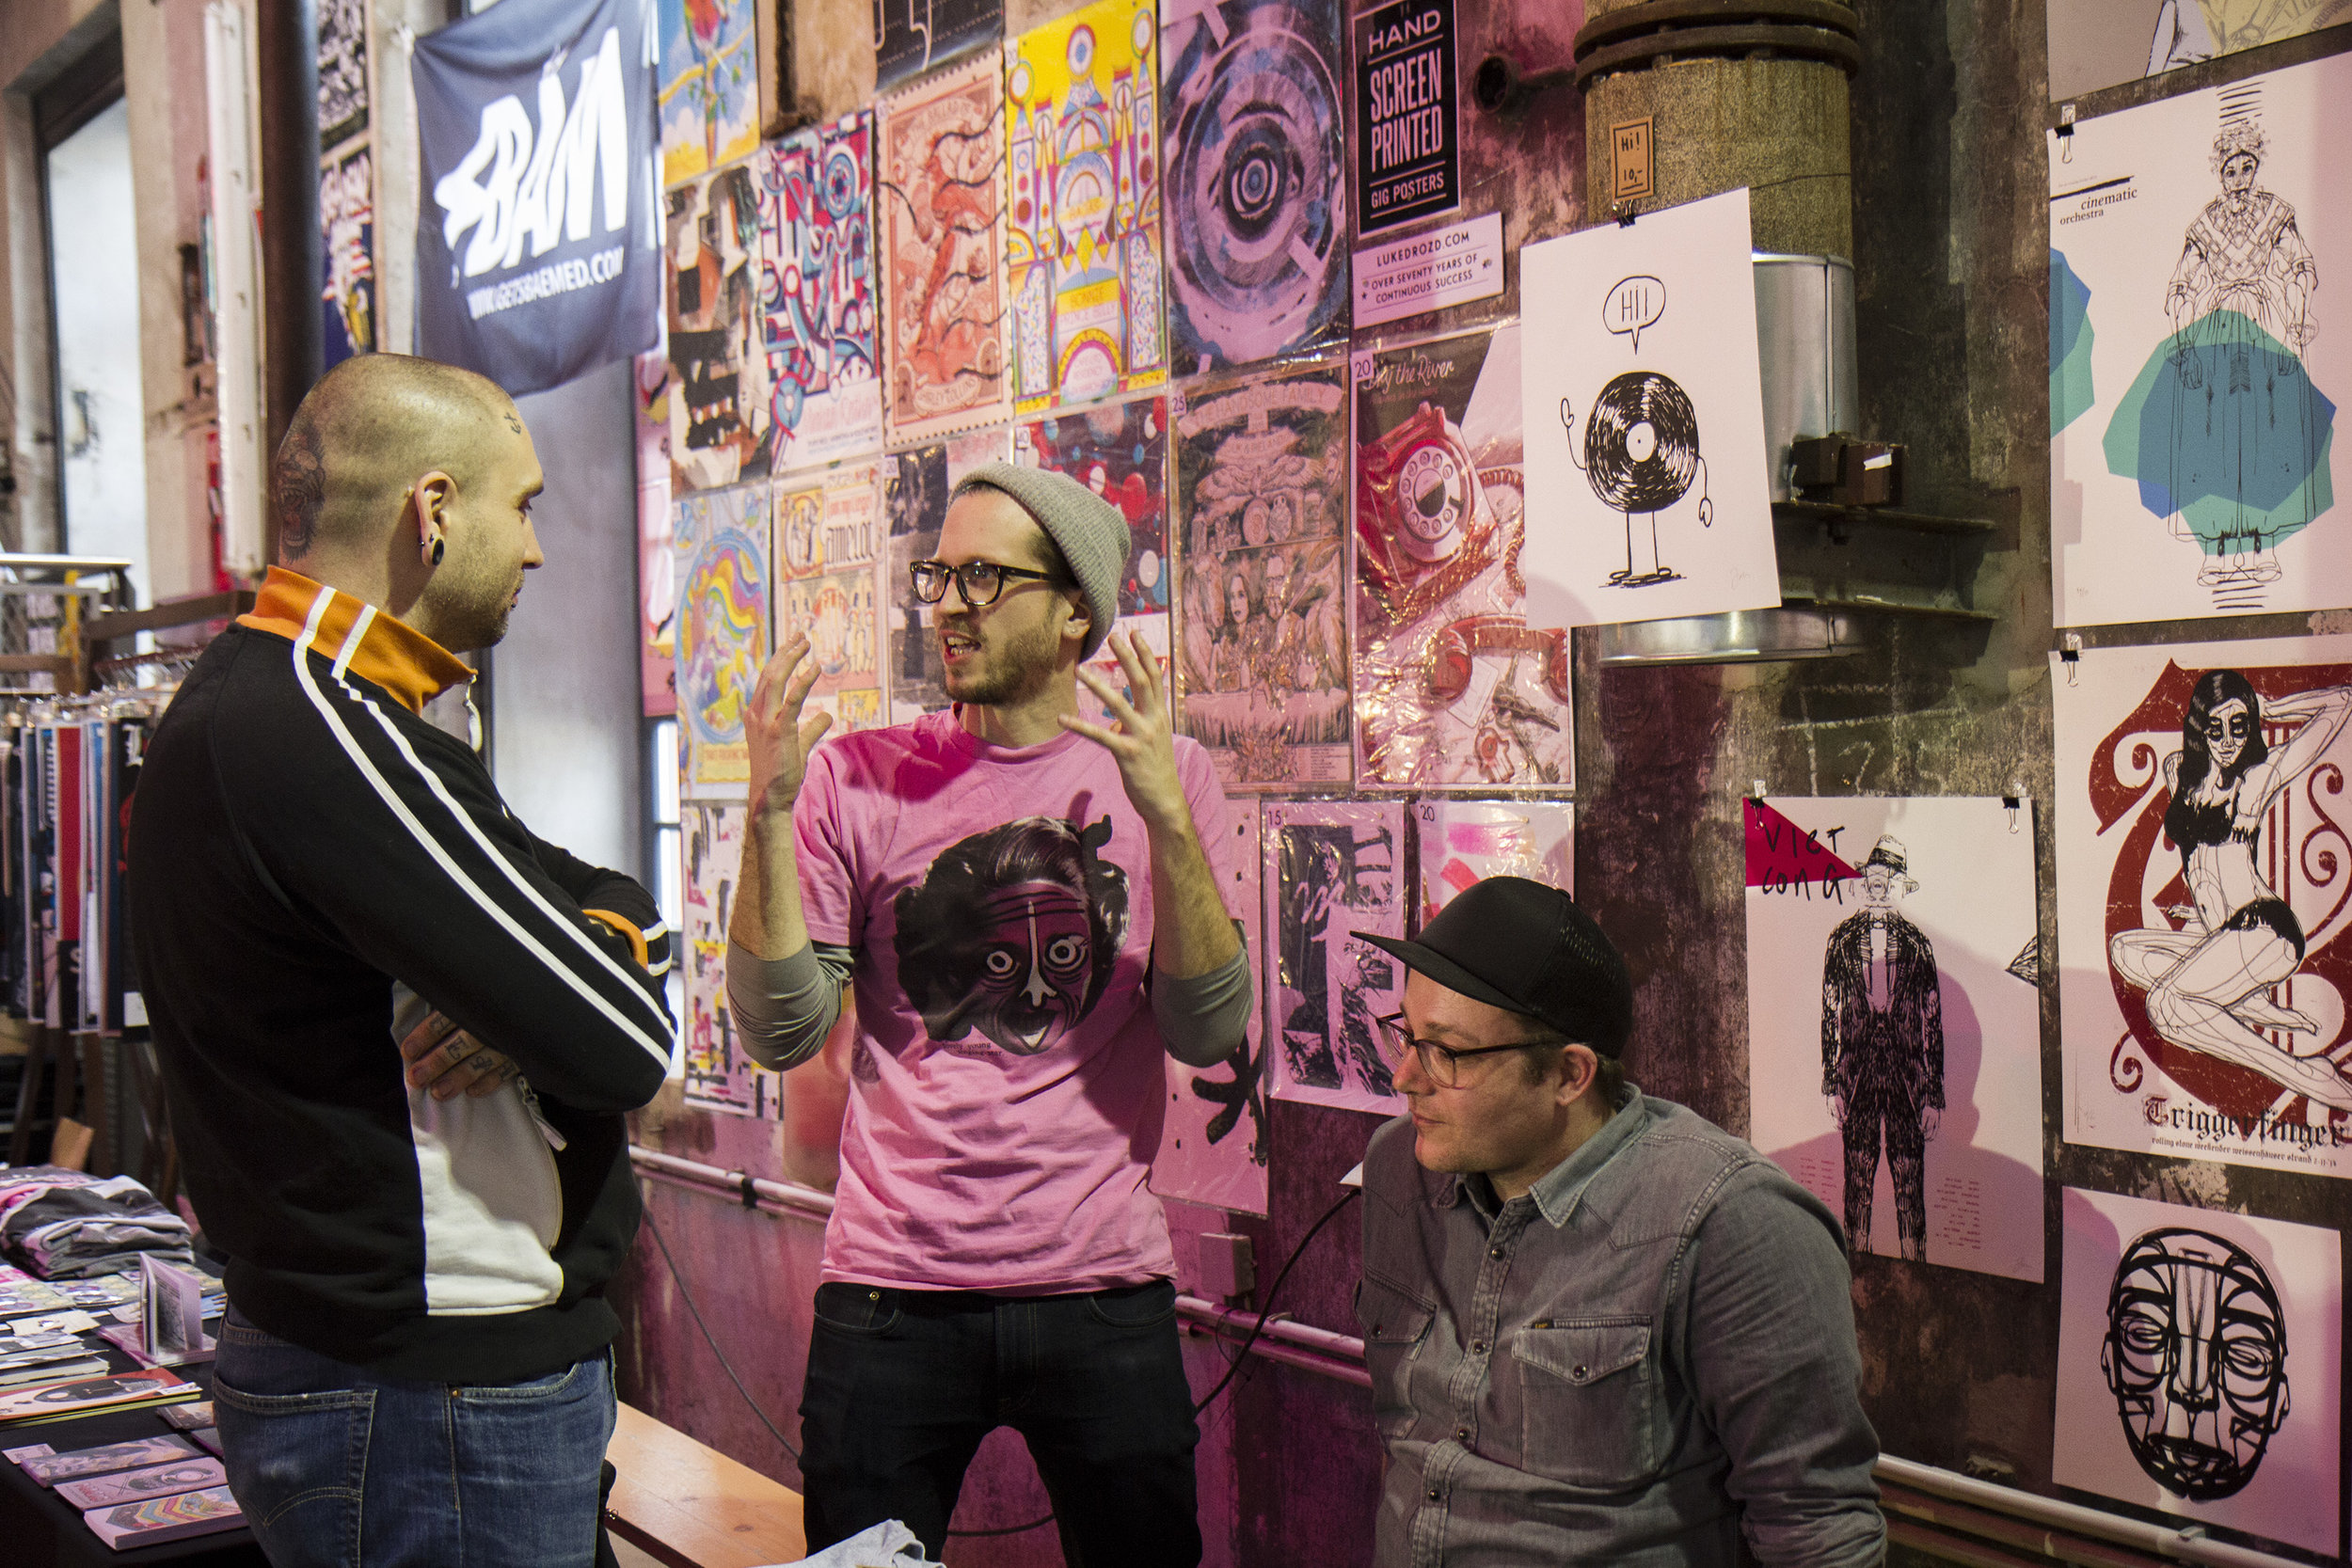 vinyl-music-festival_09_esther-crapelle-photography.jpg